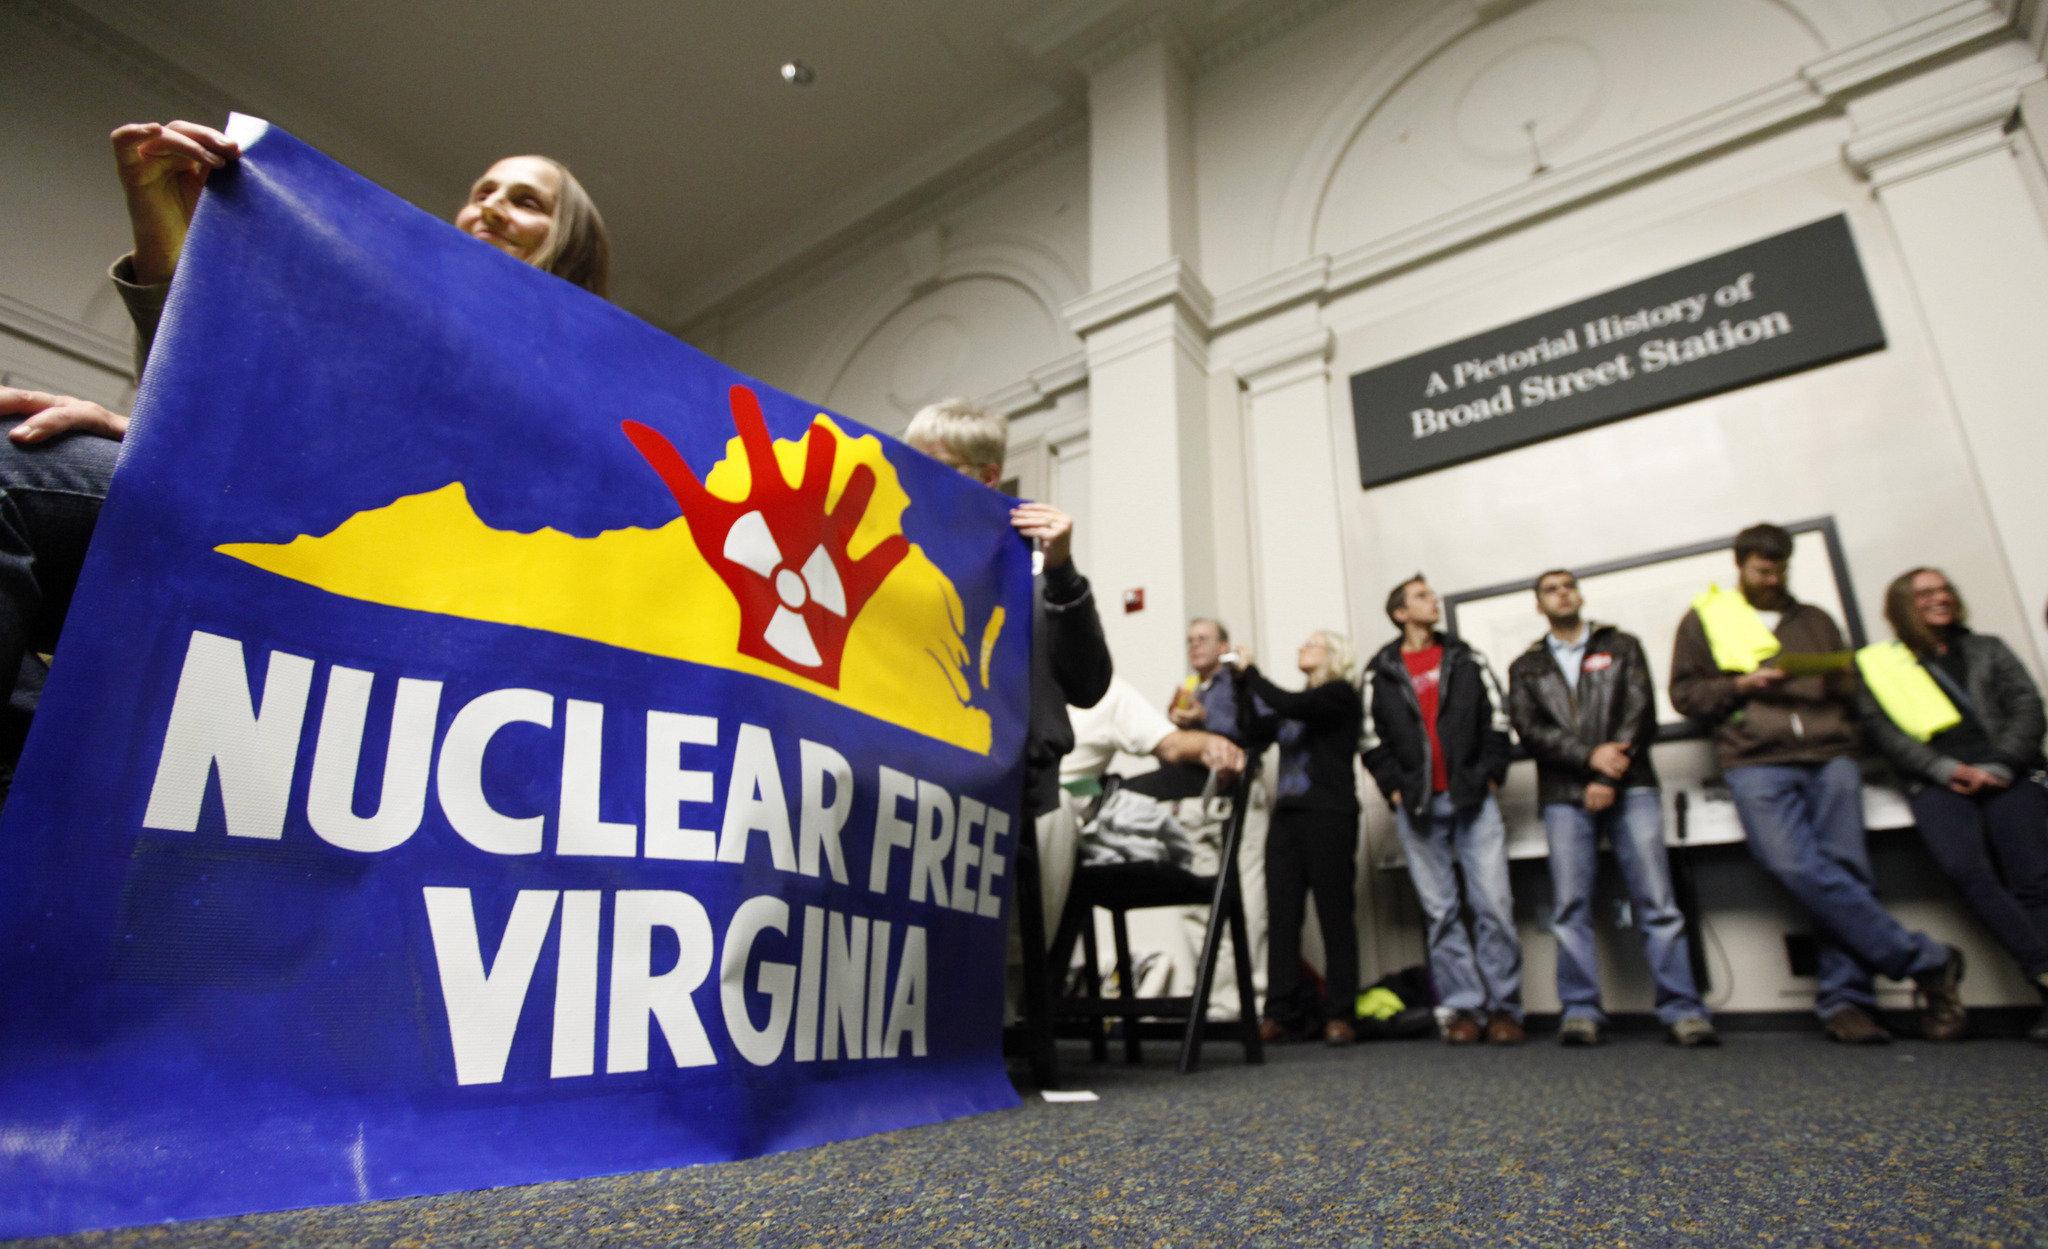 Virginia uranium protest